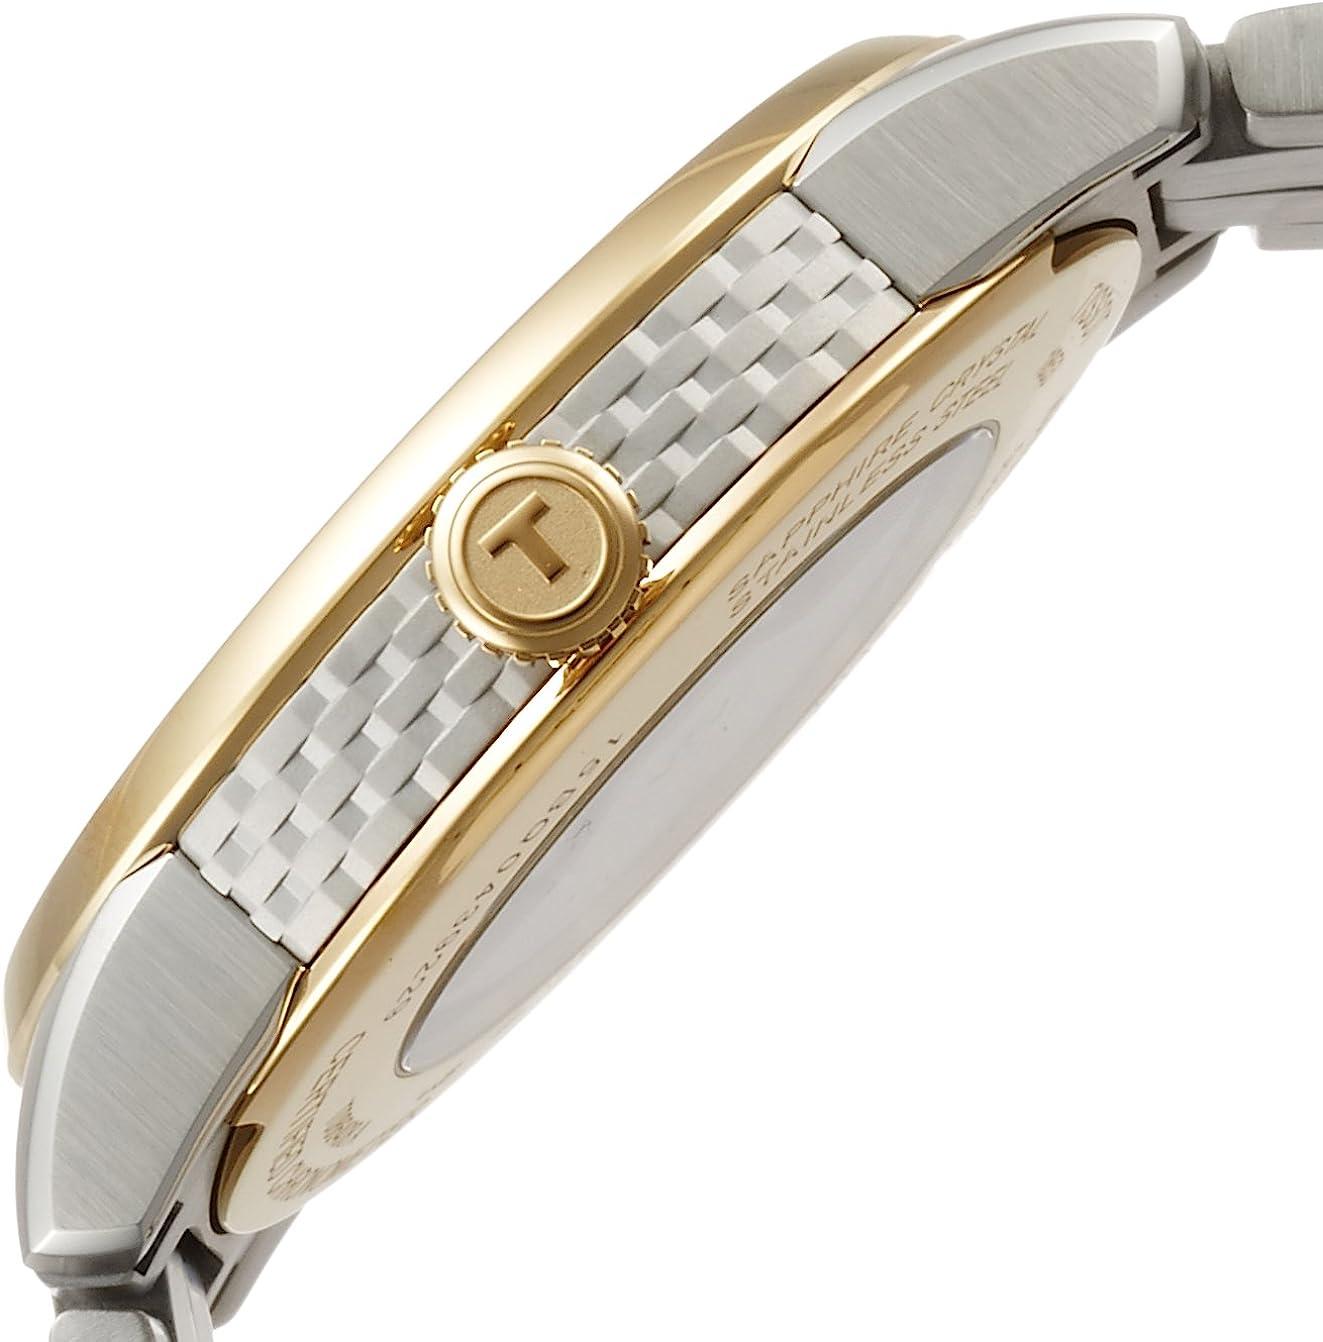 ティソ 腕時計 メンズ T0864082203600 Tissot Luxury Automatic Diamond Silver Dial Two-Tone Stainless Steel Mens Watch T0864082203600ティソ 腕時計 メンズ T0864082203600